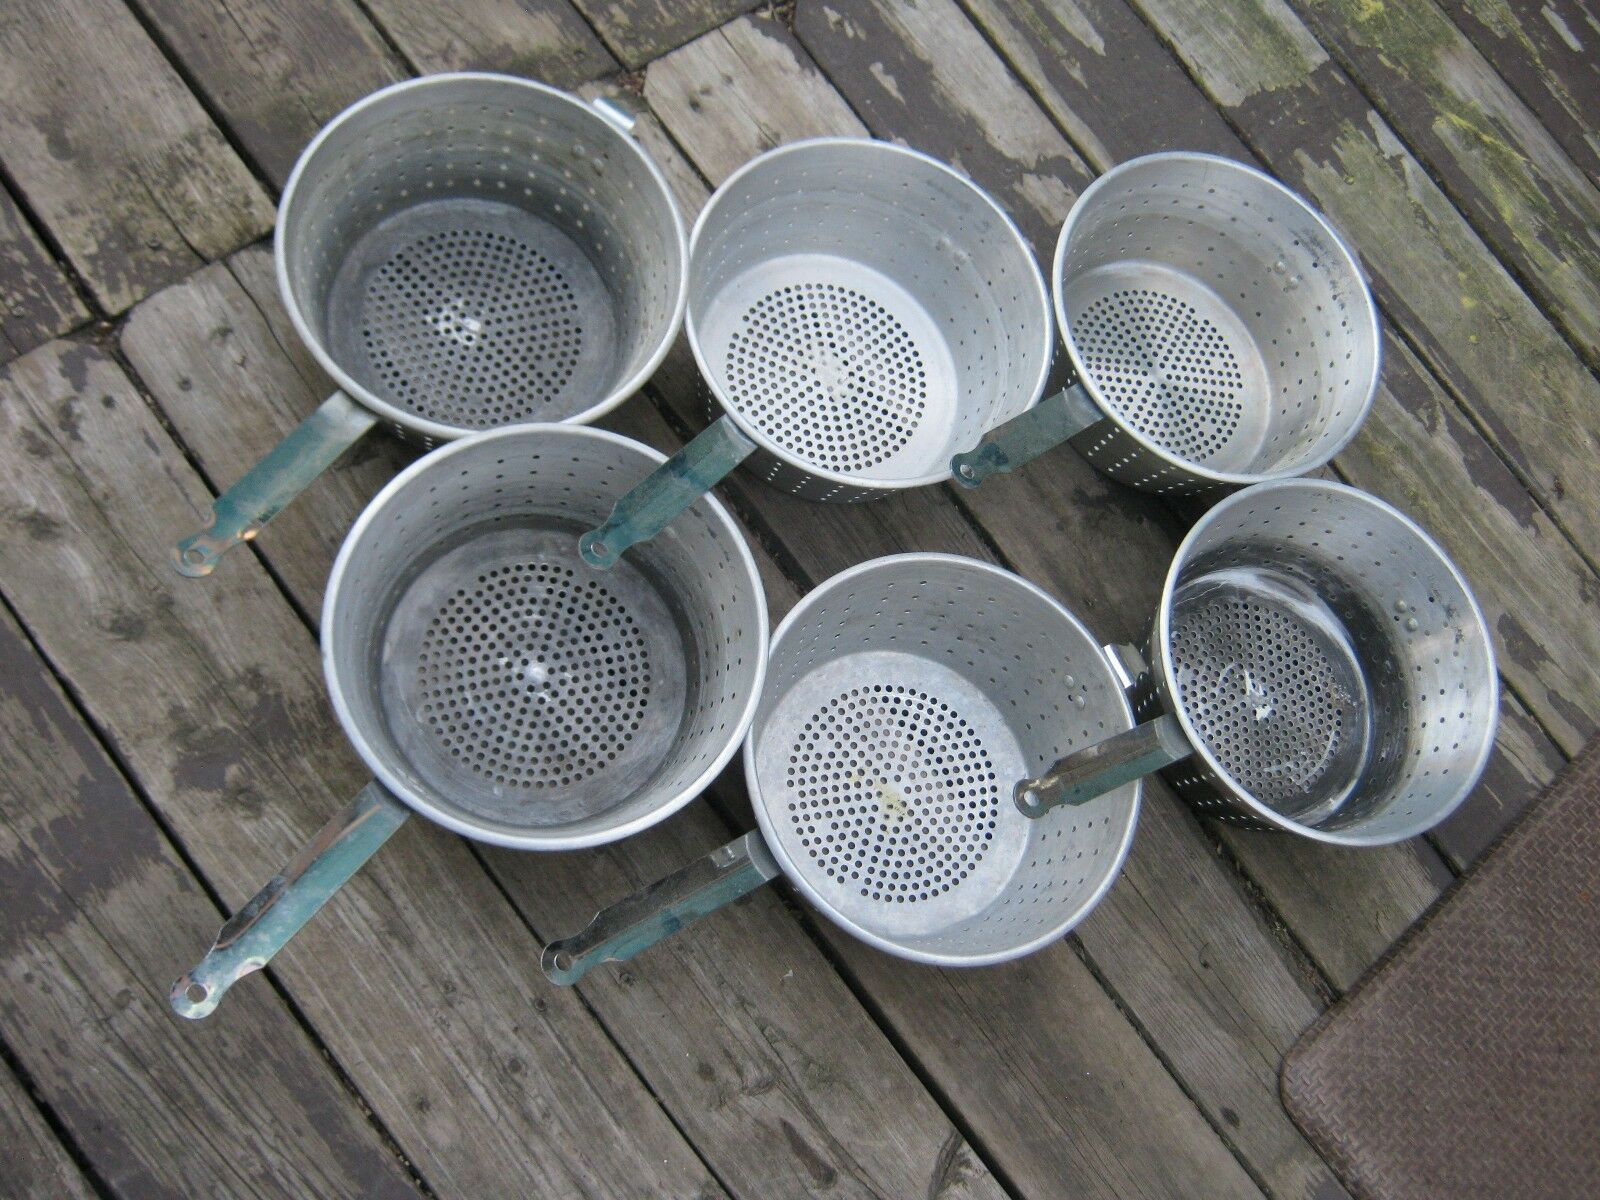 6 pcs utilisé en aluminium Friteuse pot panier 10  Diamètre Acier Inoxydable Poignée